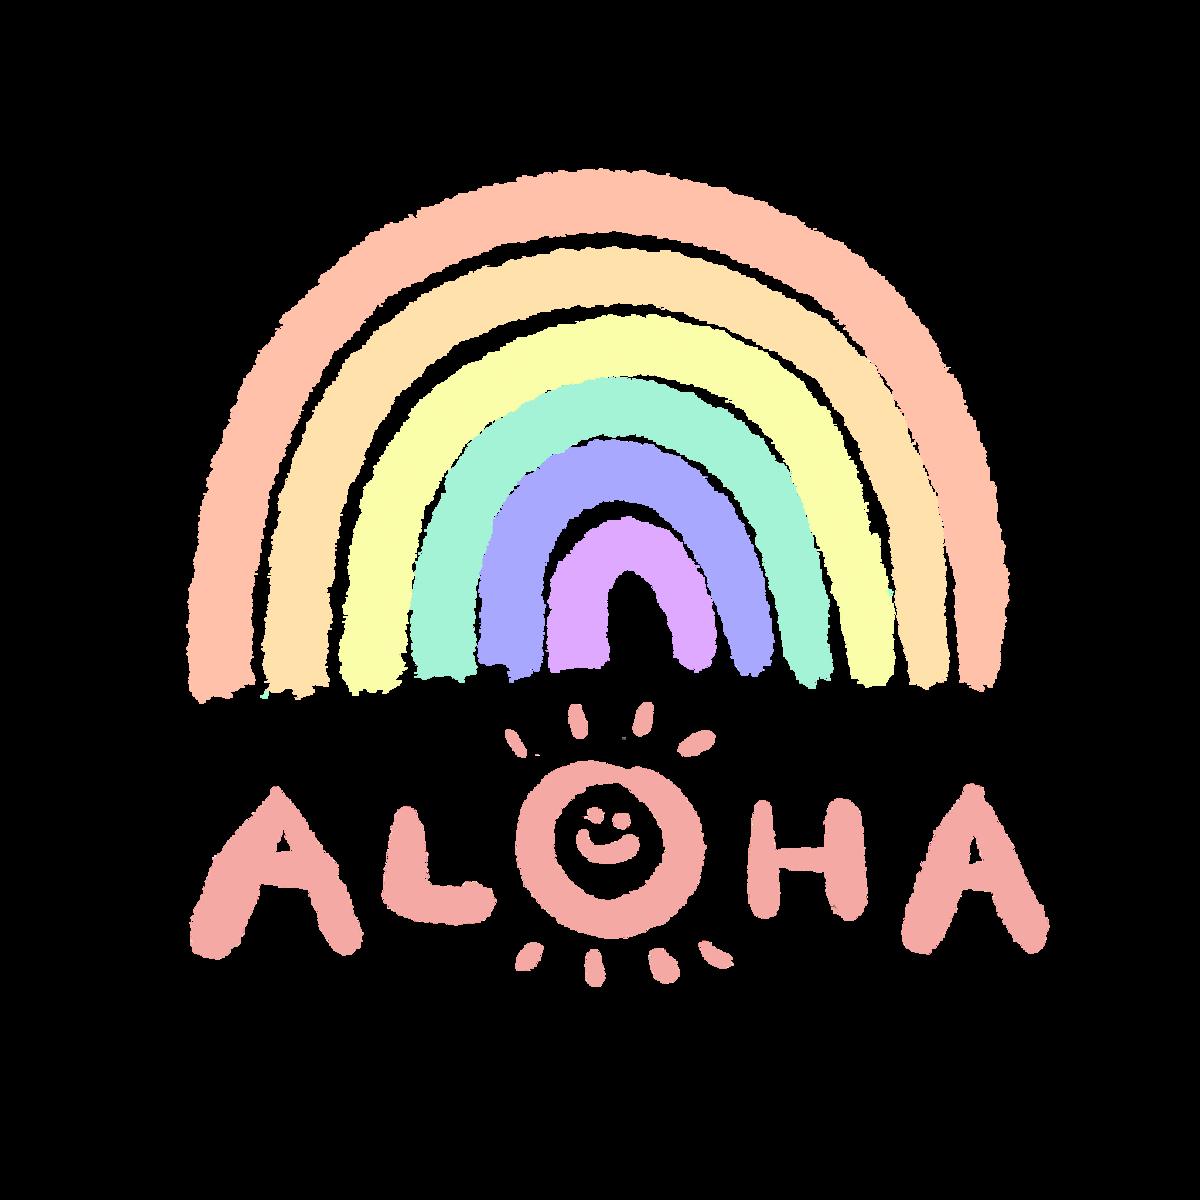 人気デザイン!ハワイ雑貨のオンラインショップ【Aloha Kobo】 – alohakobo  American ExpressApple PayDiners ClubDiscoverEloGoogle PayJCBMastercardPayPalShop PayVenmoVisa